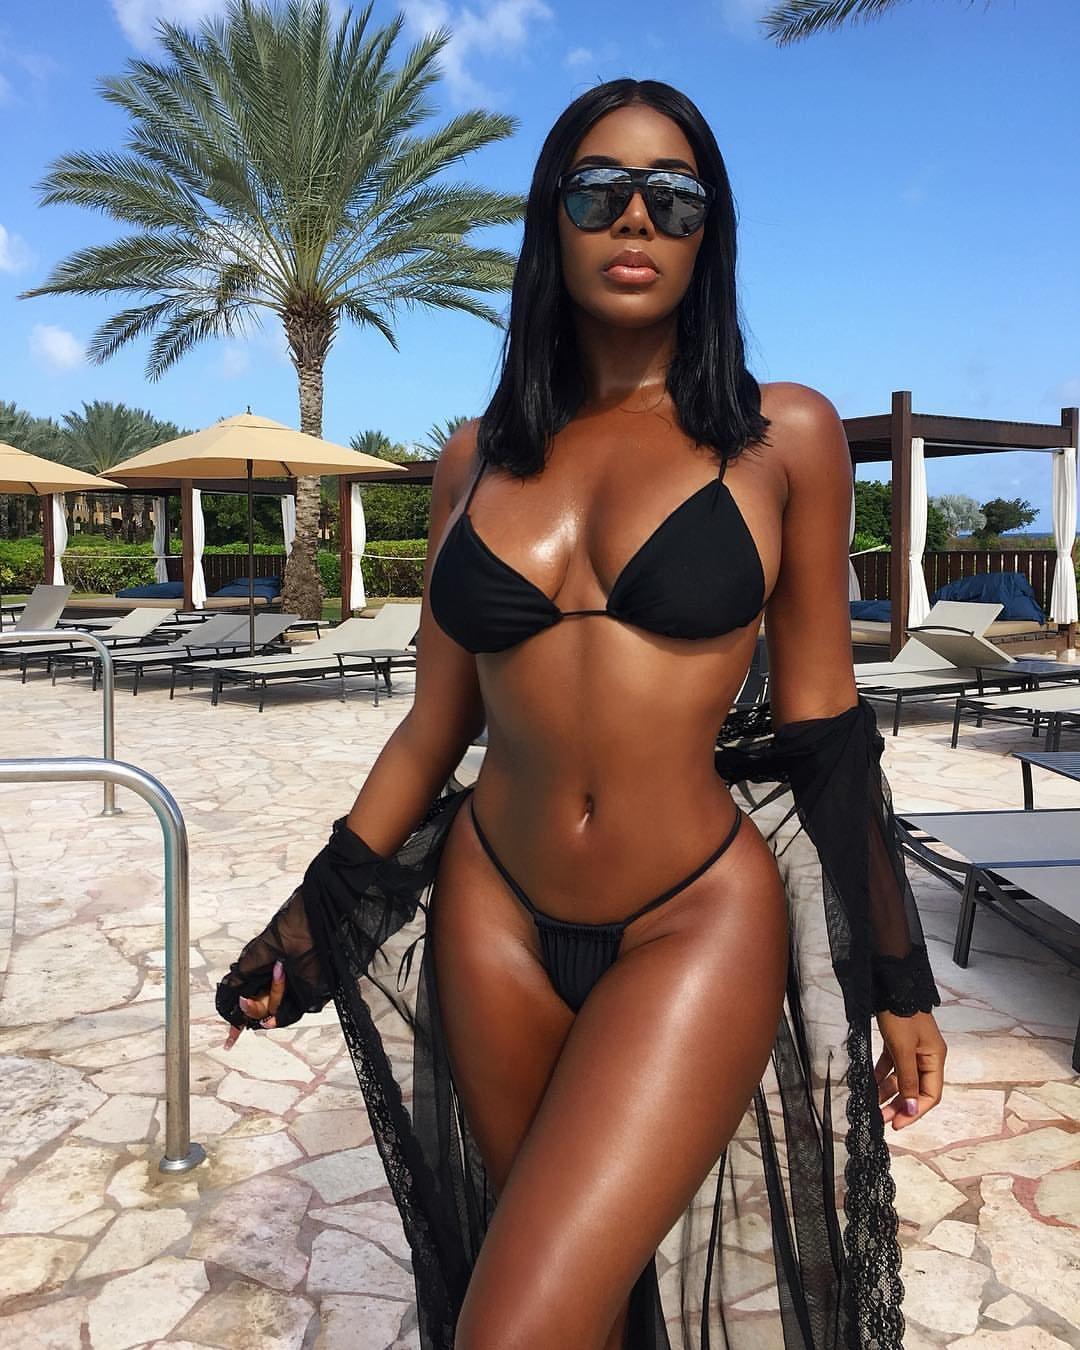 фигуристые черные женщины